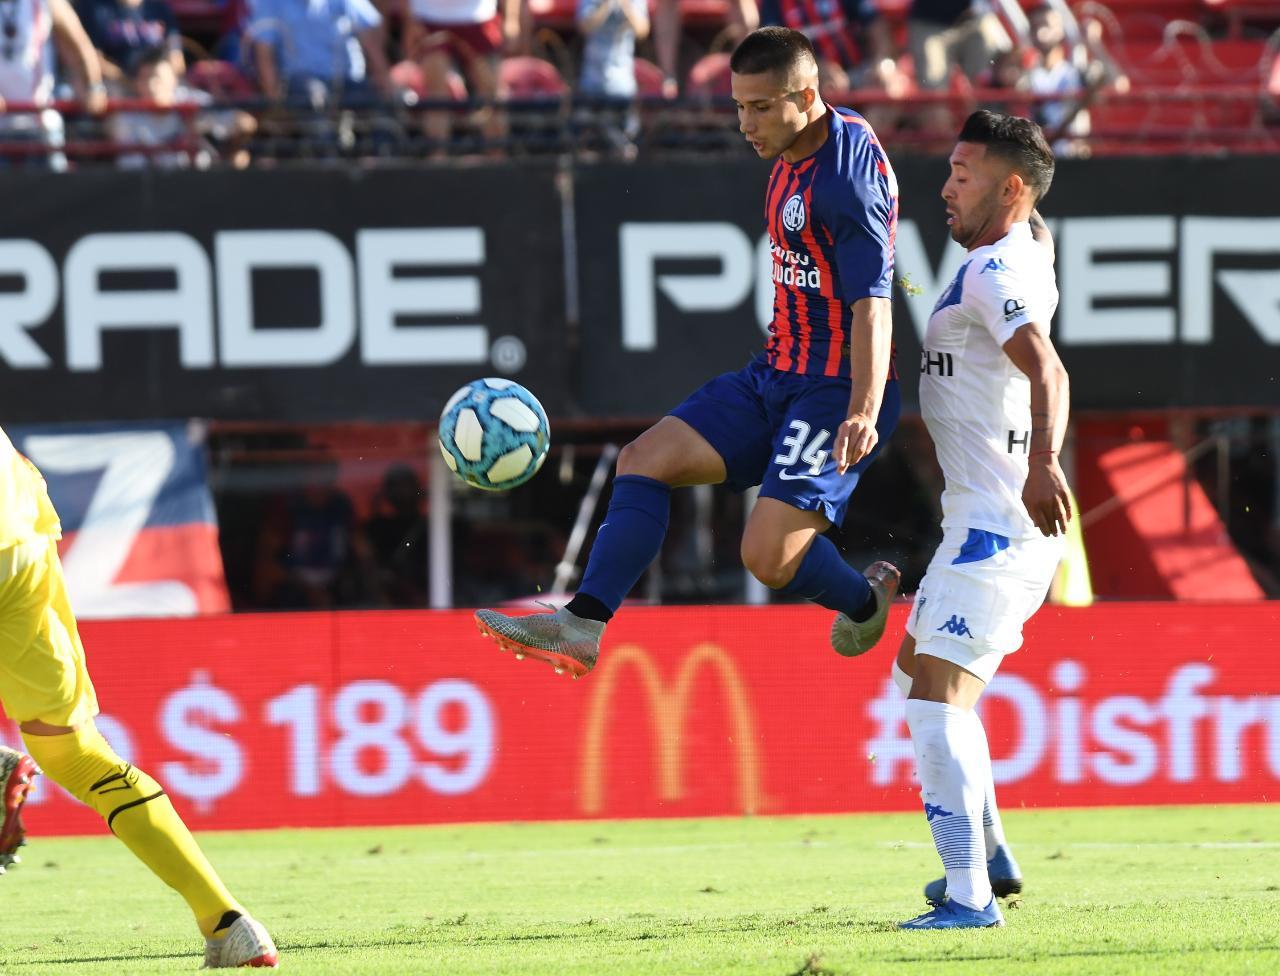 El piquense Julián Palacios hizo su primer gol en la Superliga Argentina